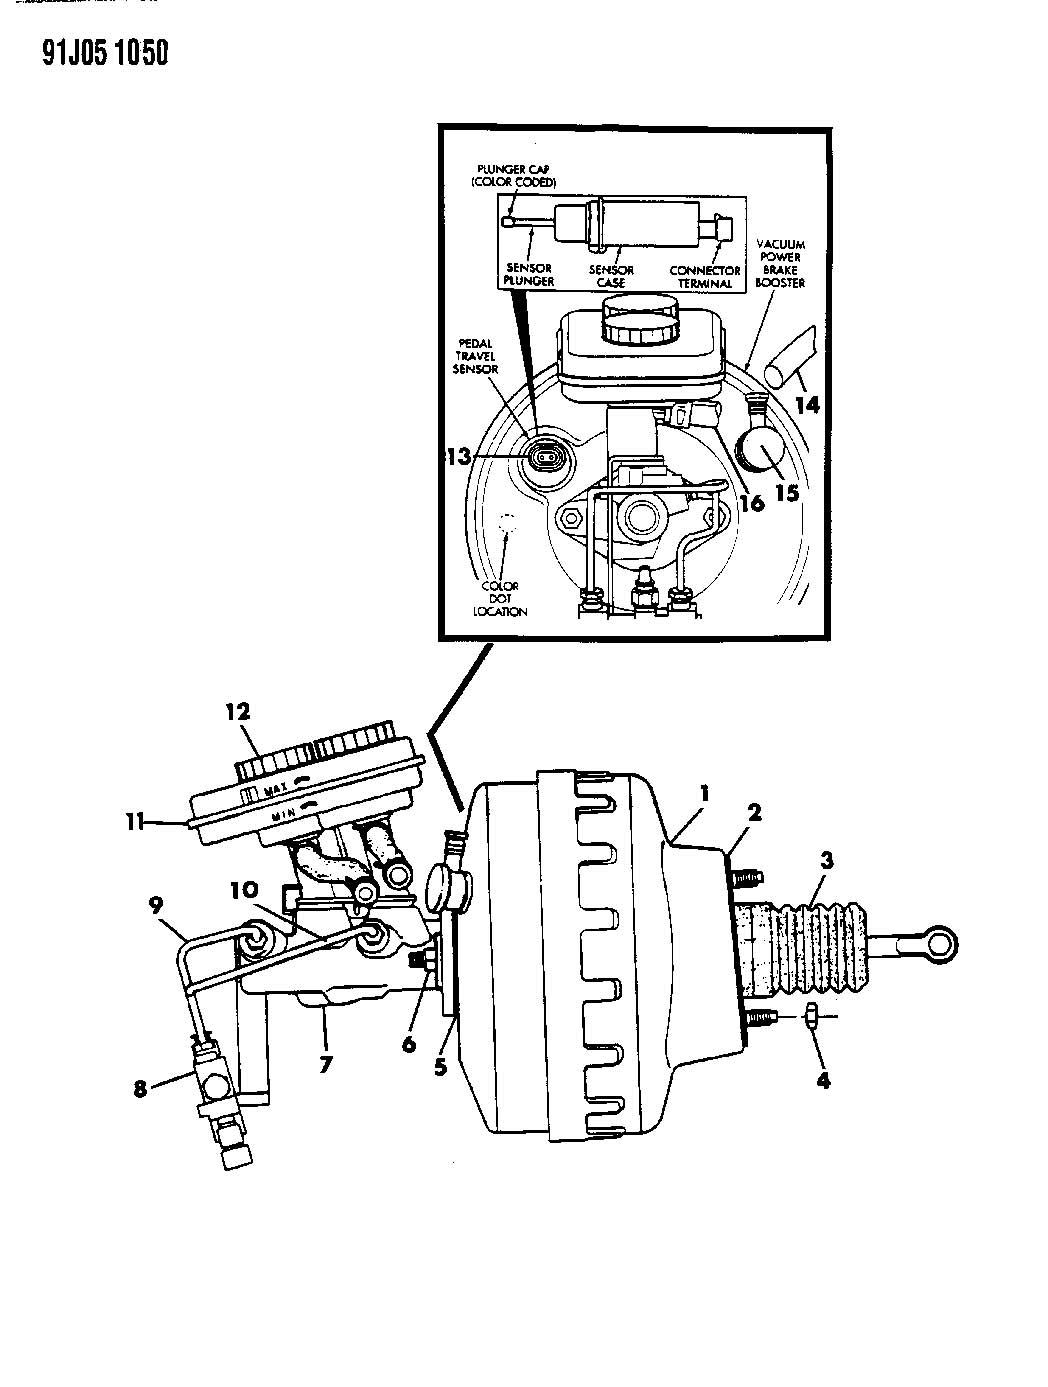 Cylinder Brake Master 93 W Anti Lock Braking System Cherokee Briarwood Grand Cherokee